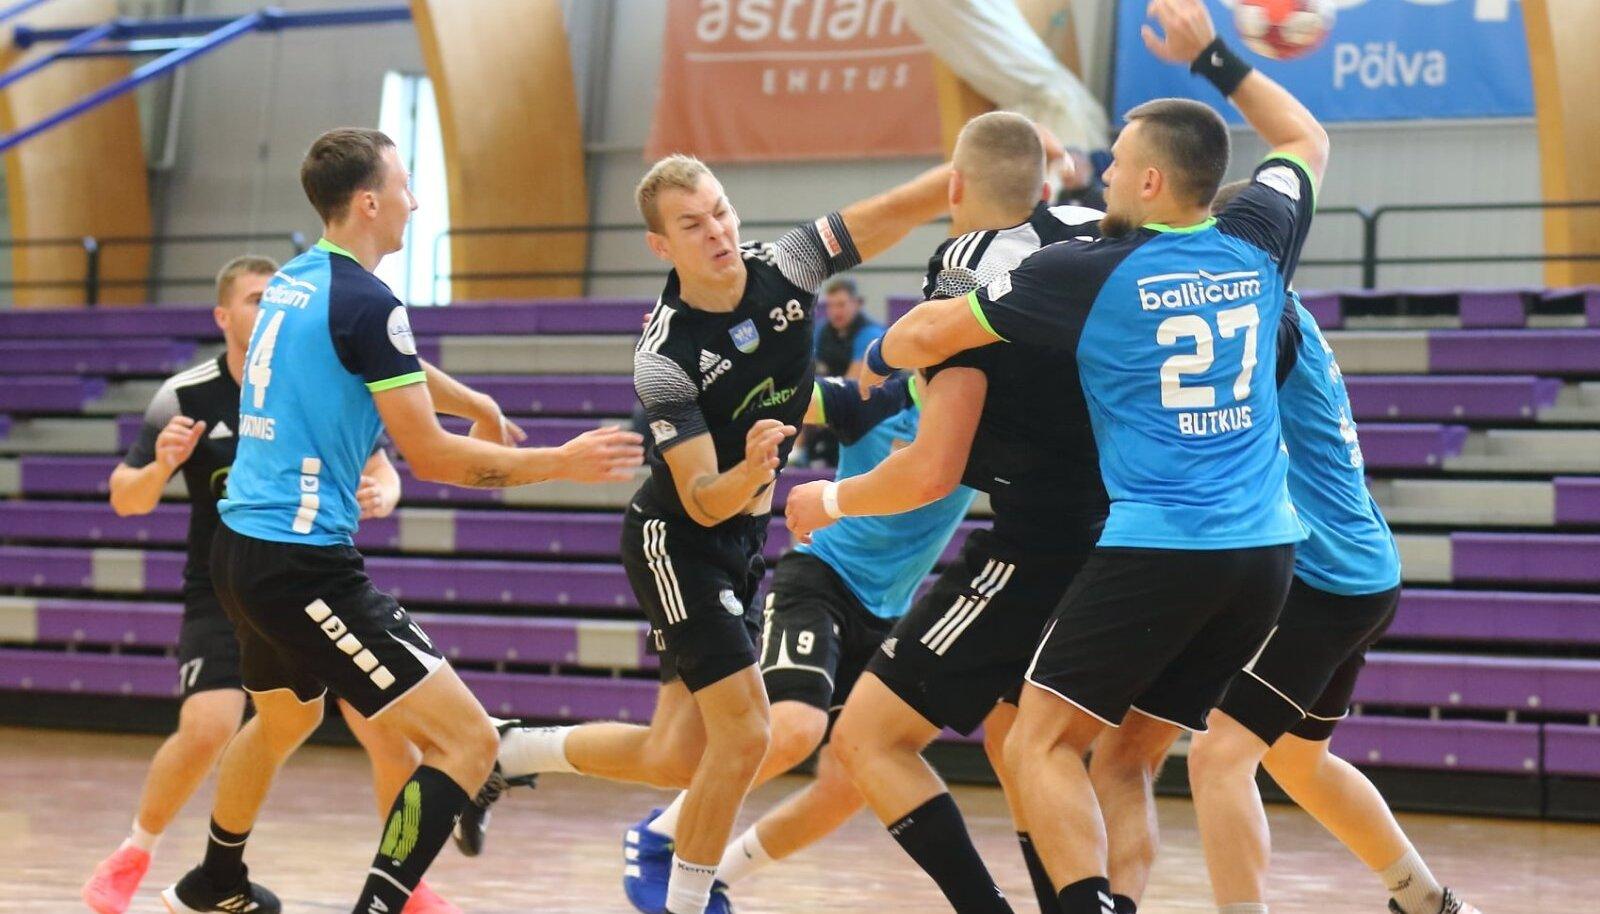 Klaipeda Dragunasega kohtus SK Tapa hooajaeelsel Põlva Cupil, nüüd minnakse Balti liiga tiitlikaitsjaga vastamisi ametlikus mängus. Viskel Ilja Kosmirak.